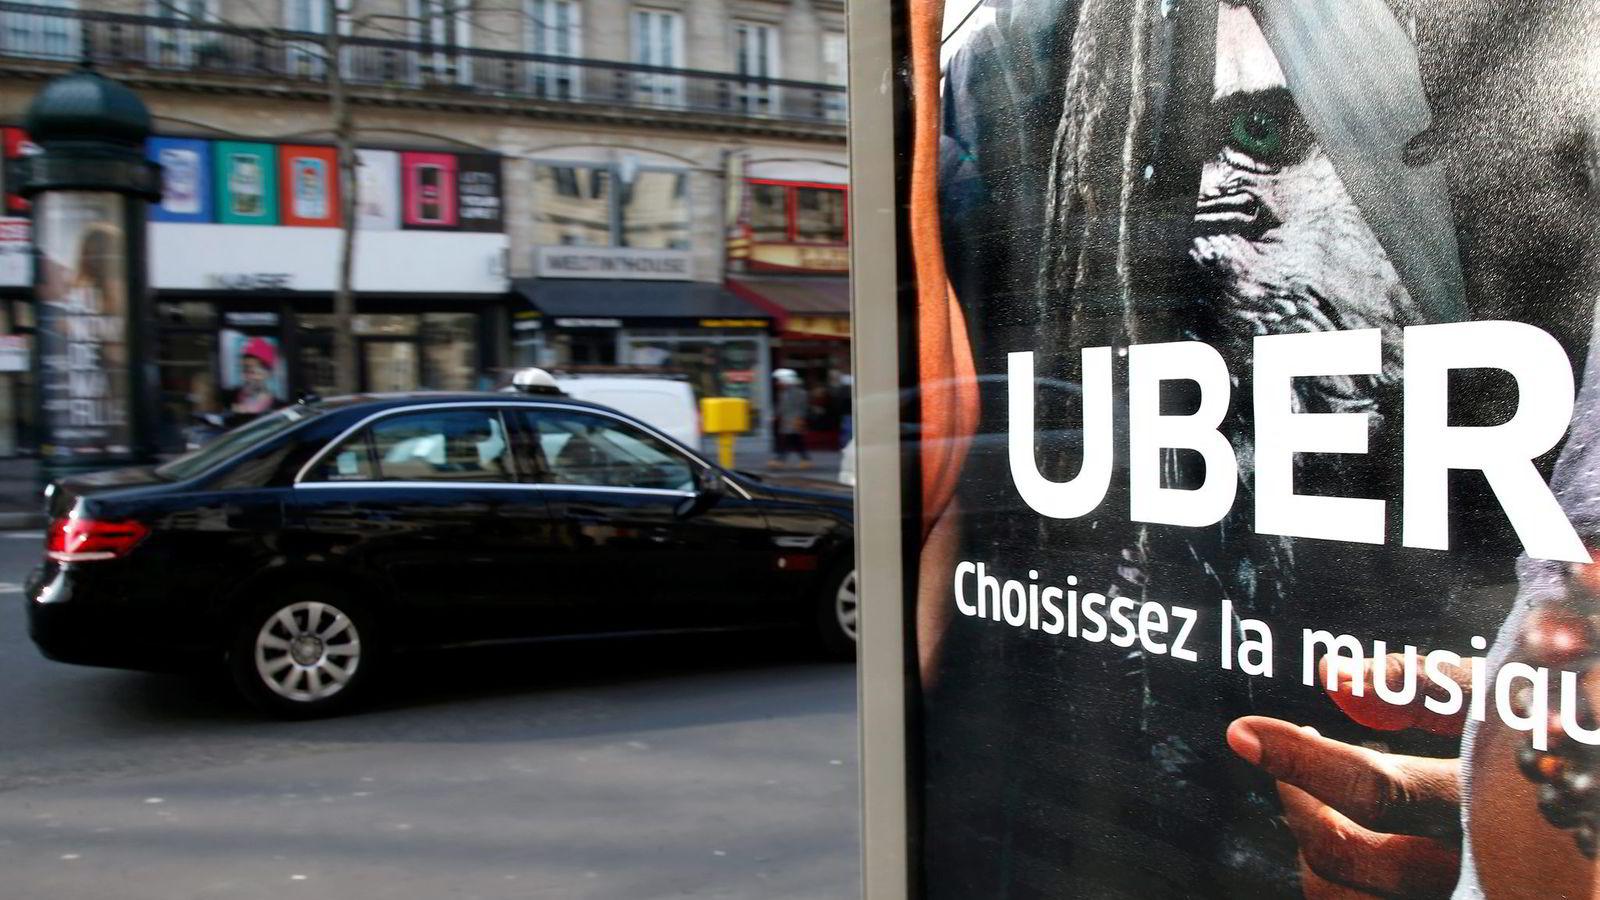 To nylige rettsavgjørelser gjør at politiet mener at handel gjennom app ikke gjør at Uber skiller seg nevneverdig fra annen pirattaxi. Foto: Charles Platiau/Reuters/NTB Scanpix